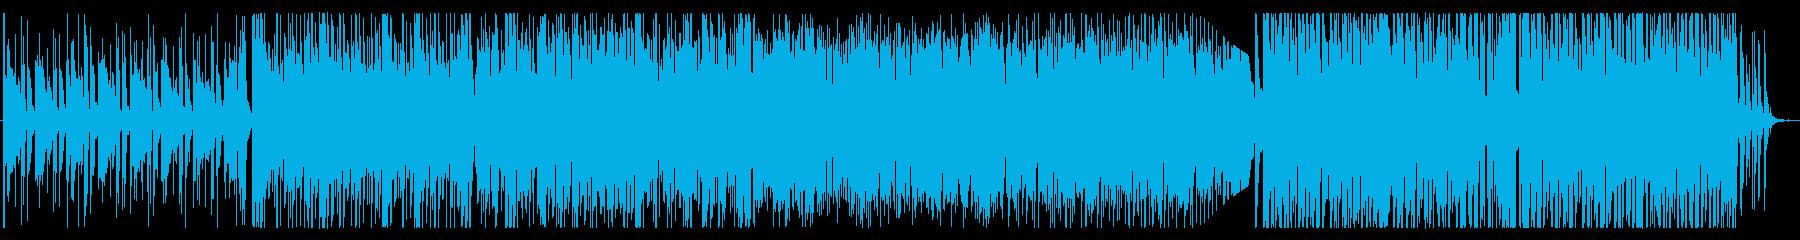 ハウス/楽しい夏、トロピカルな曲の再生済みの波形